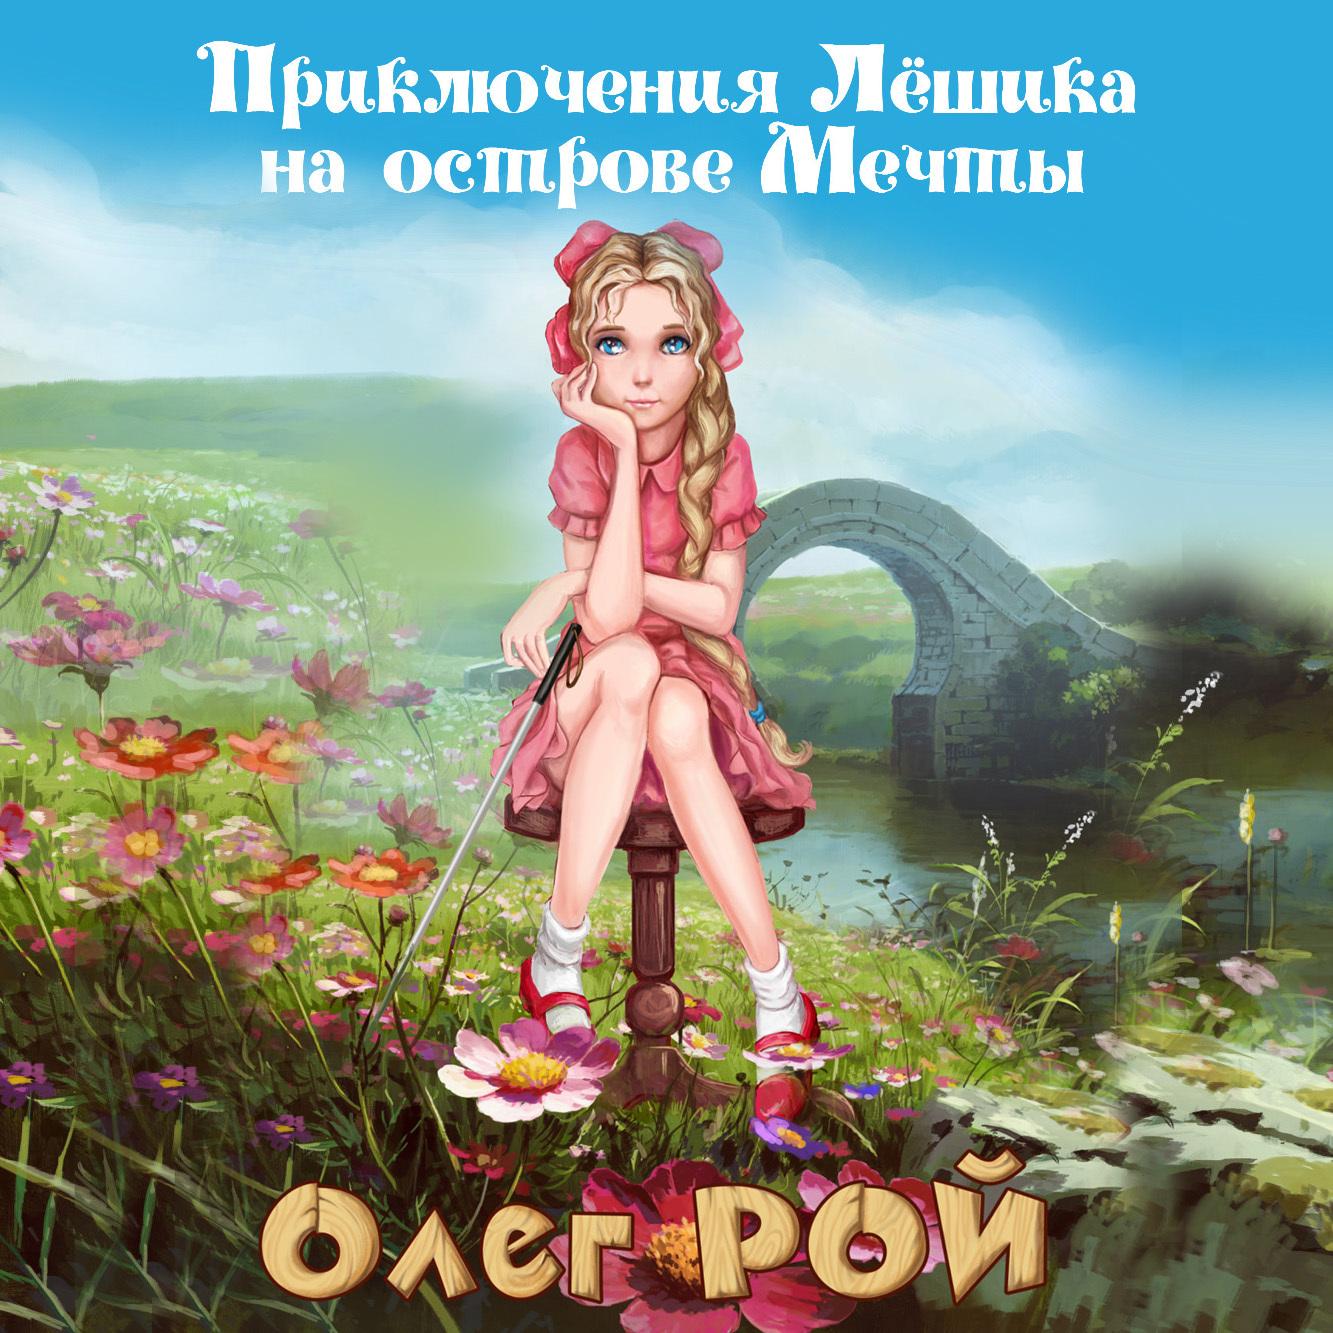 Олег Рой Приключения Лёшика на острове мечты таинственный остров